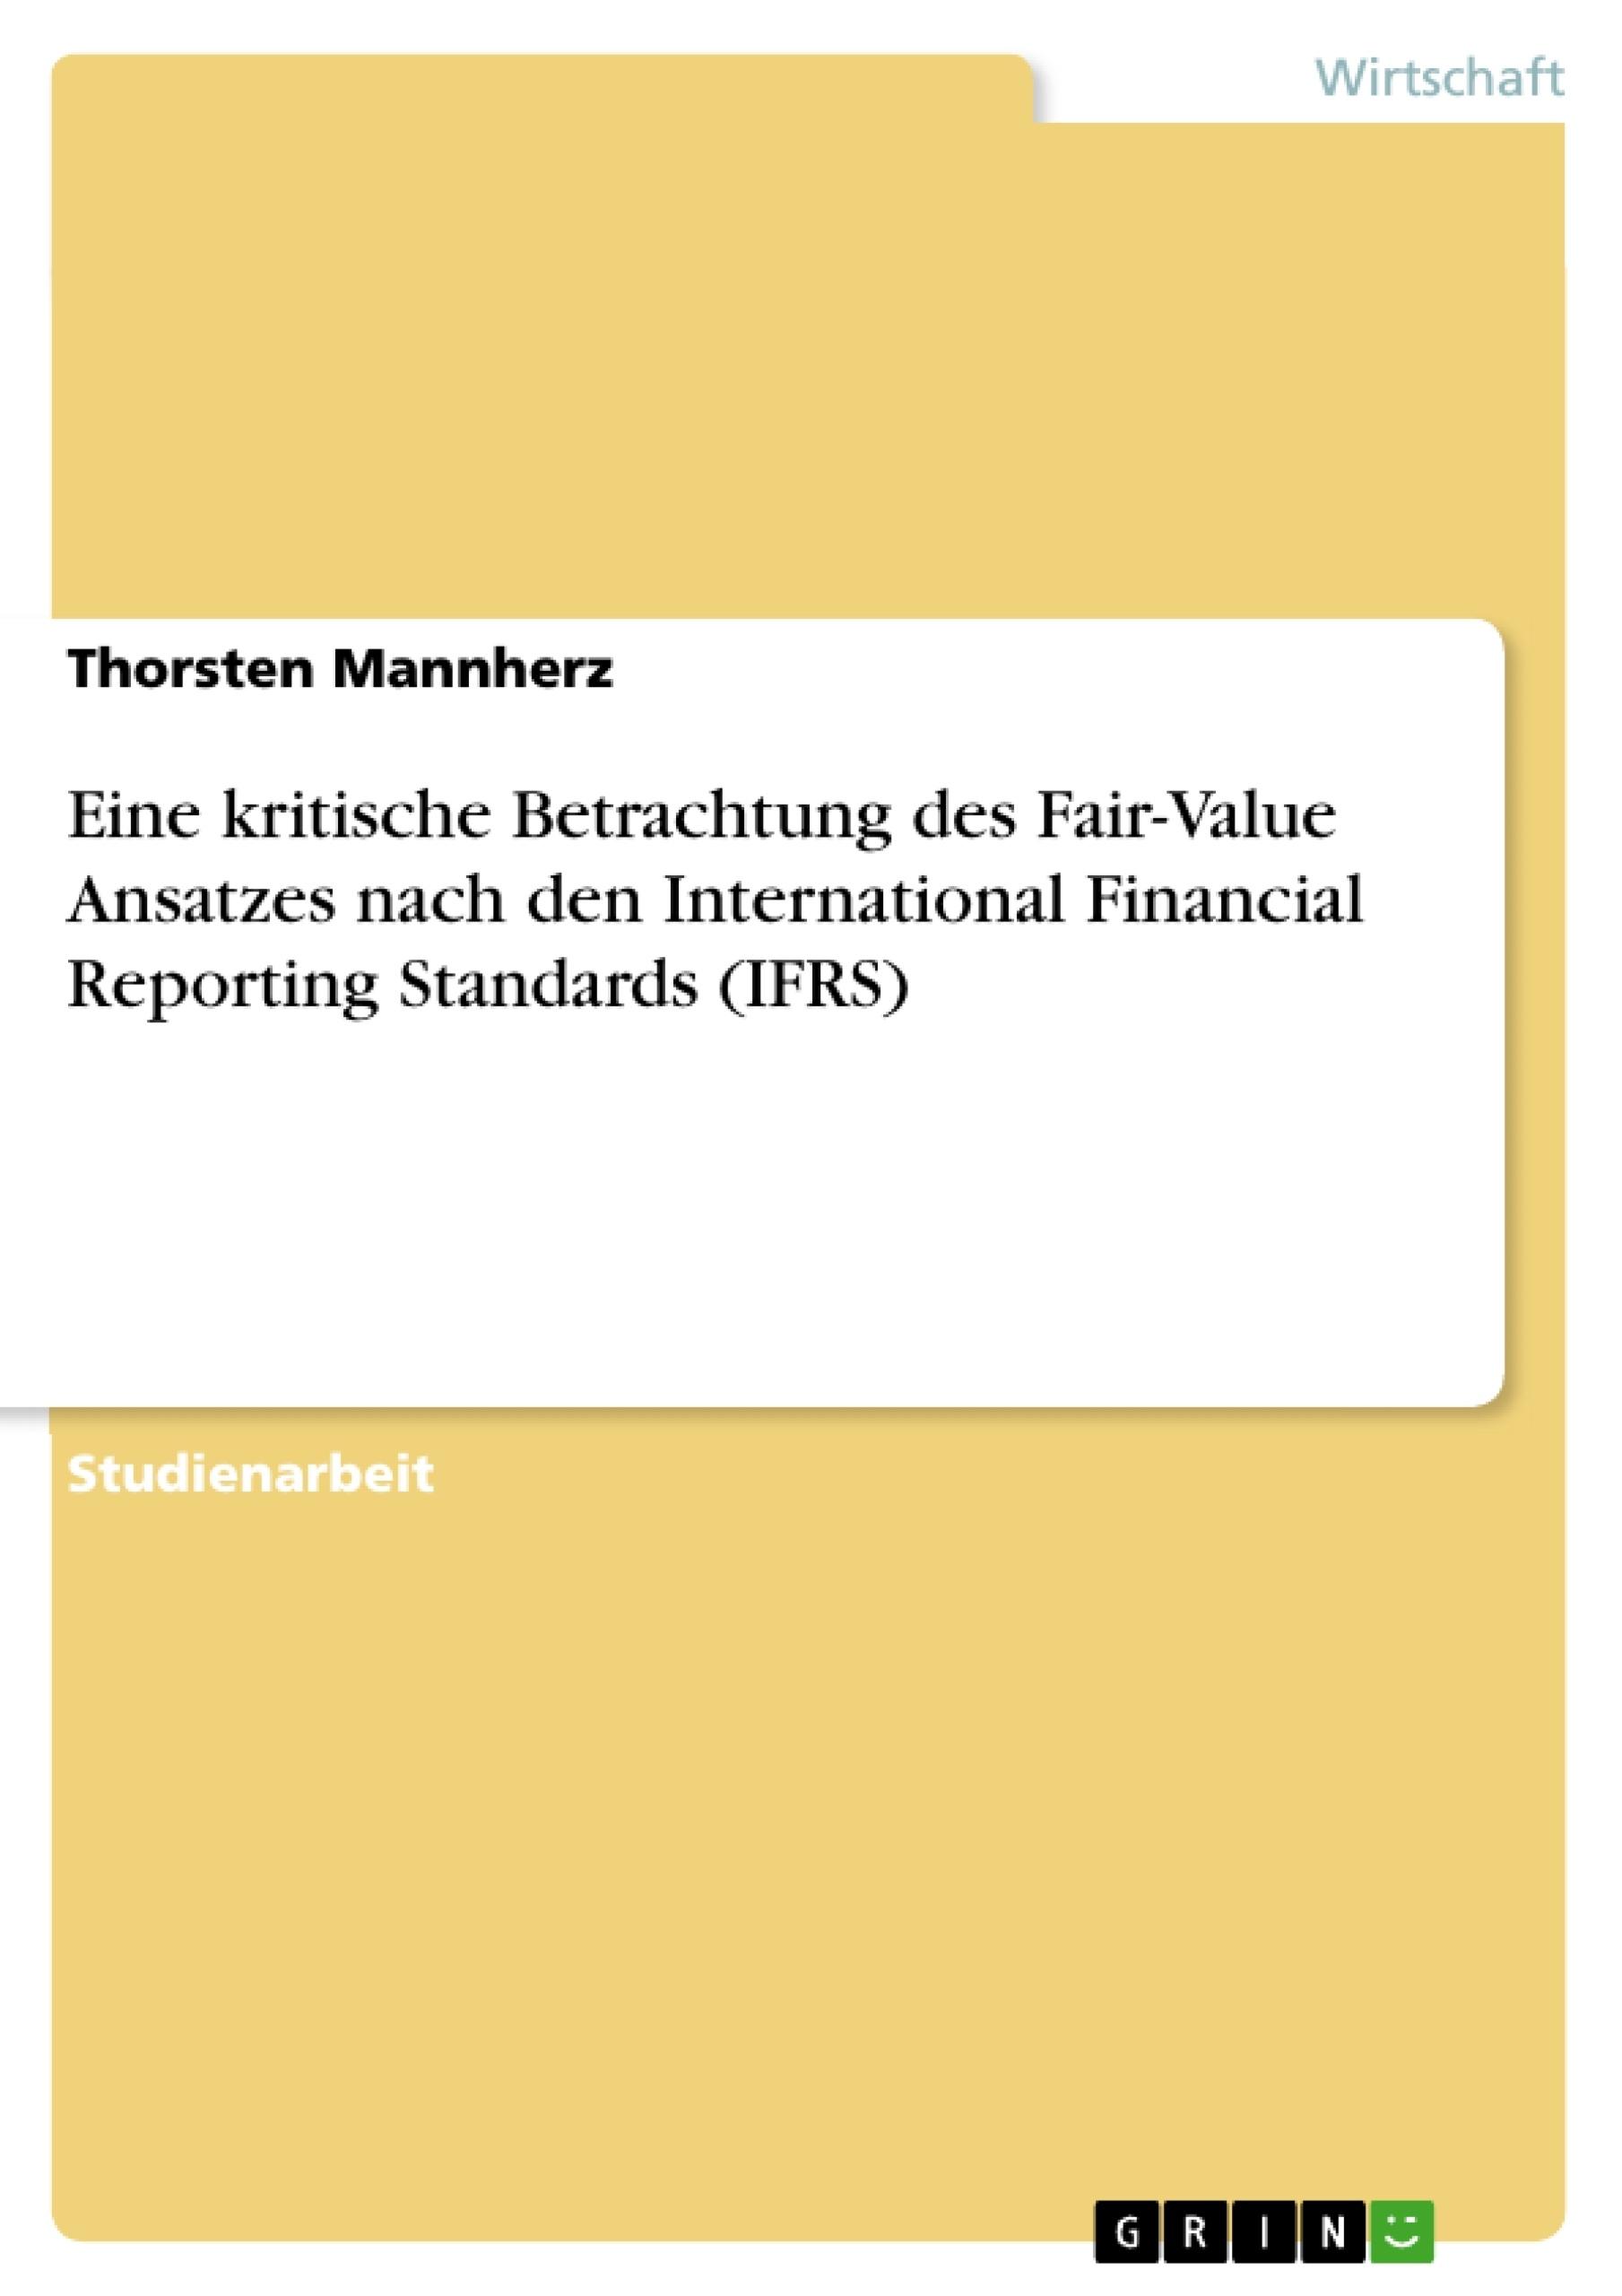 Titel: Eine kritische Betrachtung des Fair-Value Ansatzes nach den International Financial Reporting Standards (IFRS)